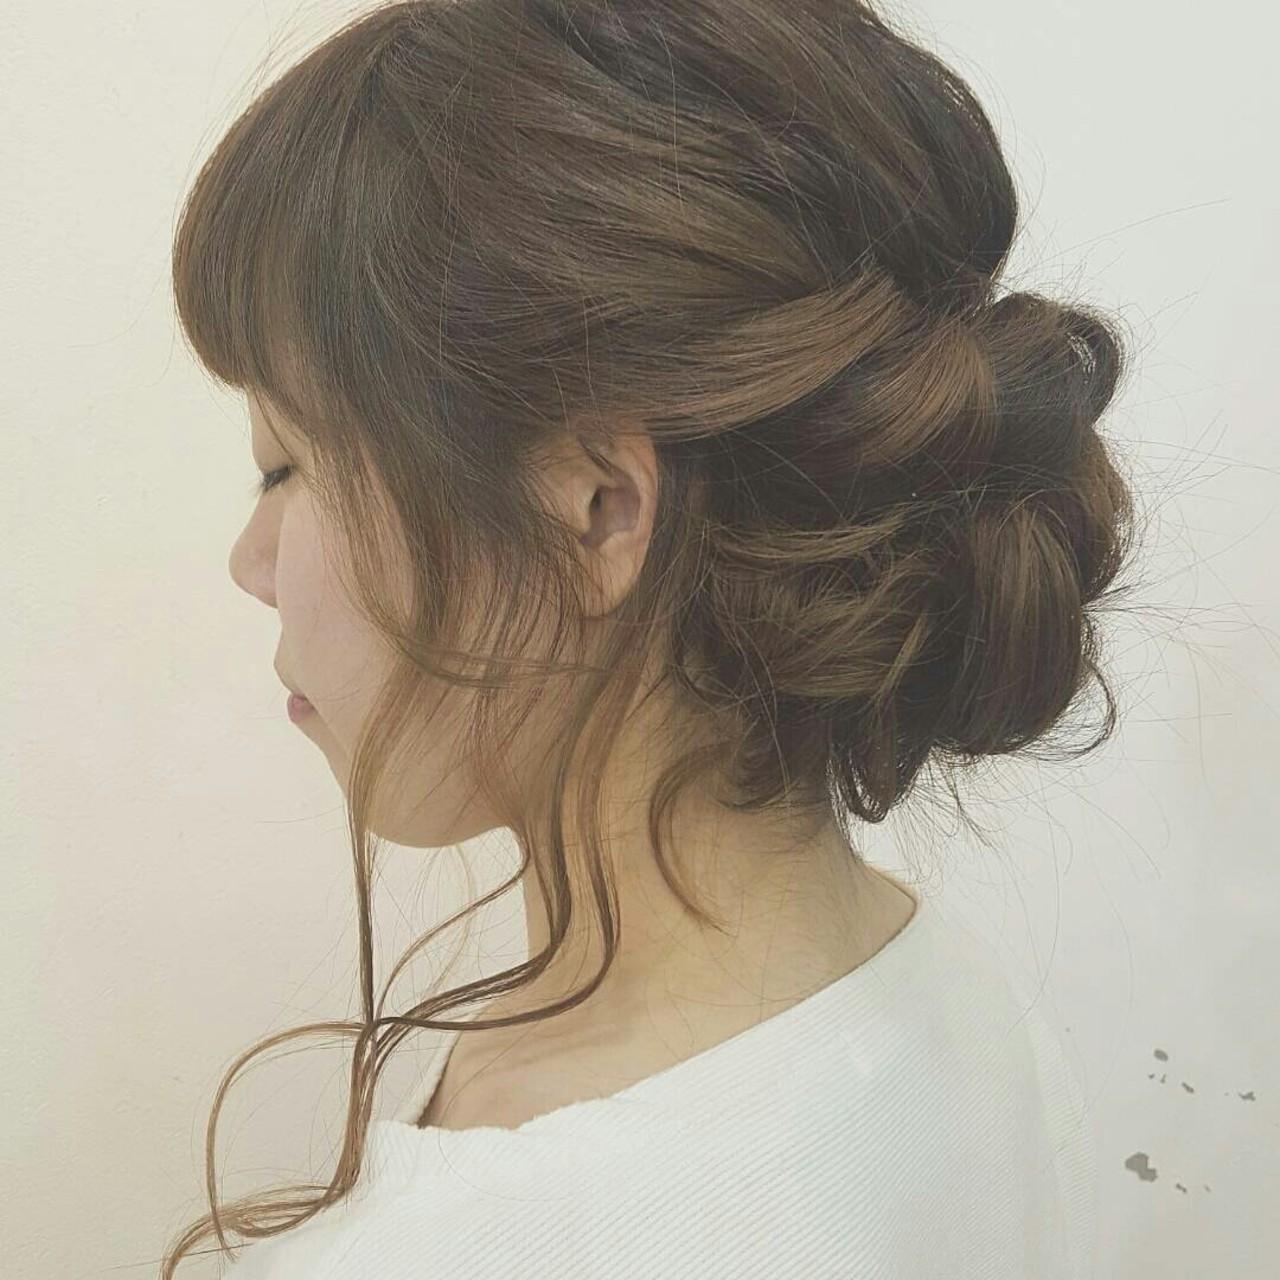 簡単ヘアアレンジ 波ウェーブ 外国人風 ショート ヘアスタイルや髪型の写真・画像 | 稲見麻利子 / kotona